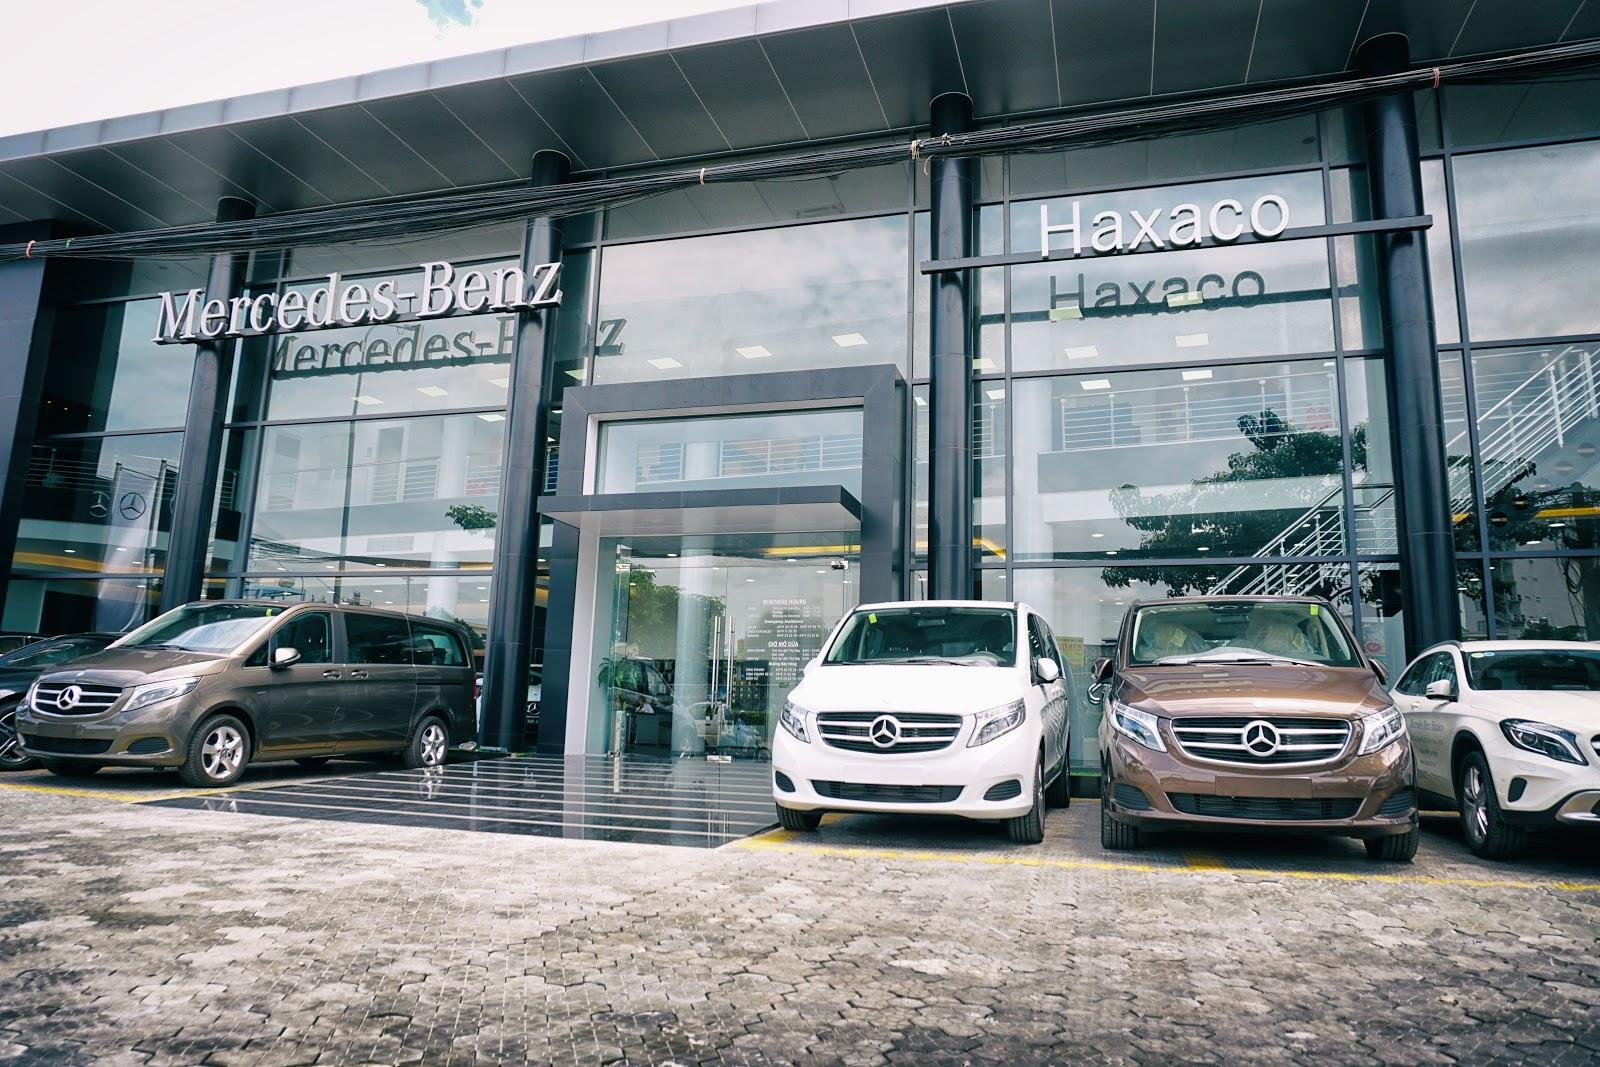 Mercedes Benz Haxaco là một trong hai đại lý Mercedes lớn nhất và uy tín nhất hiện nay